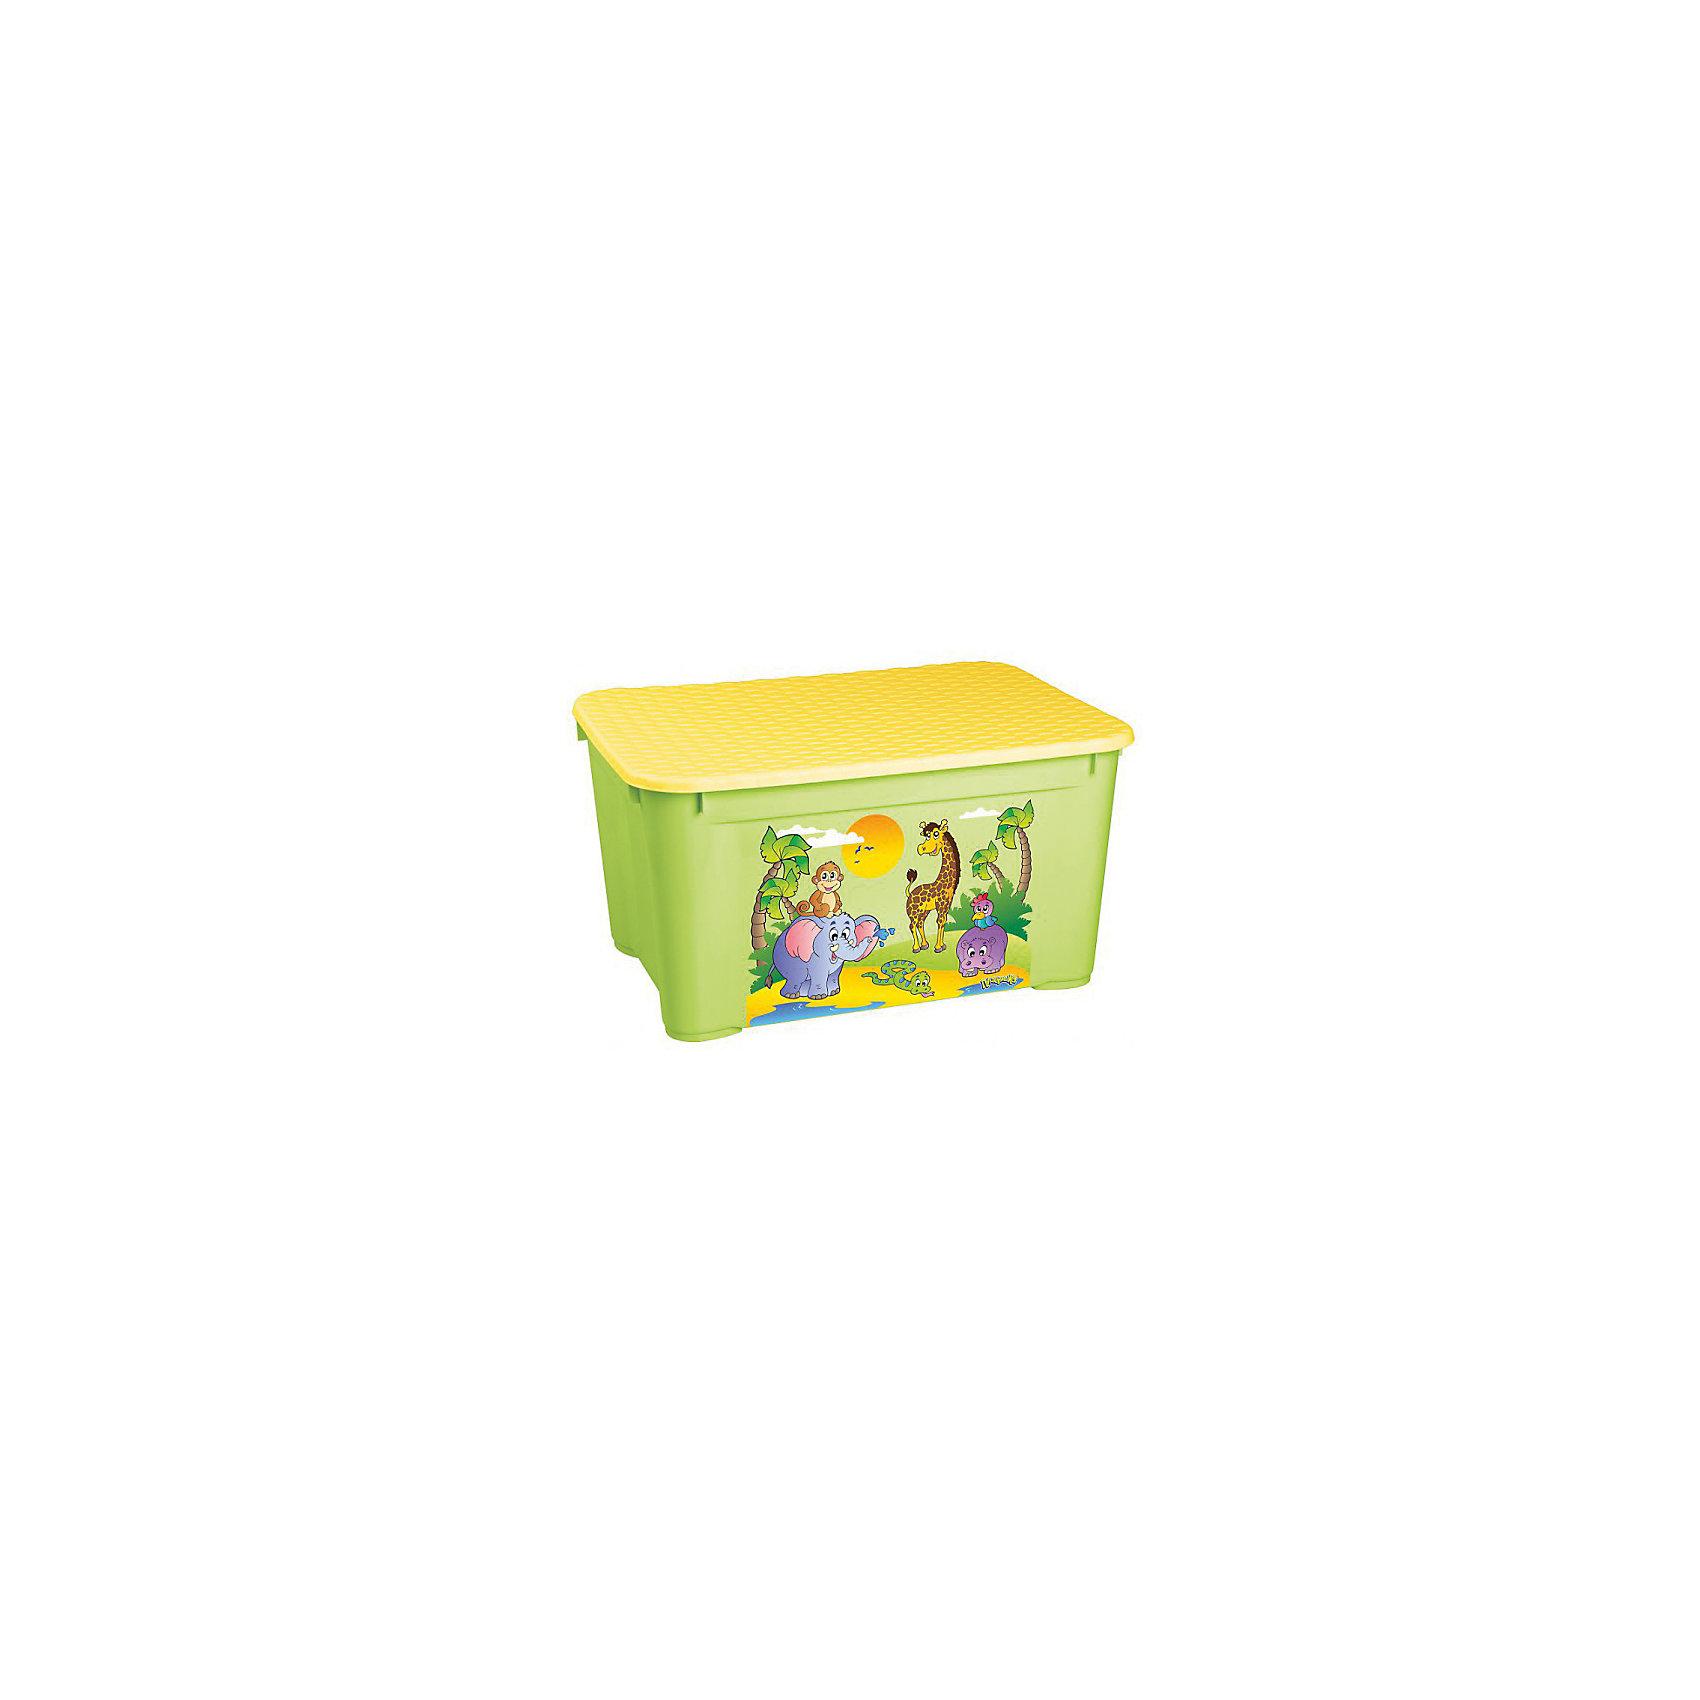 Ящик для игрушек 555х390х290 мм, Пластишка, зеленыйЯщик для игрушек 555х390х290 мм, Пластишка, зеленый - позволит приучить ребенка к уборке.<br>Контейнер изготовлен из качественного пластика, не токсичен для малышей. Вместительный, но в тоже время очень компактный ящик с крышечкой. Подойдет для упаковки игрушек, одежды, аксессуаров. Благодаря колесикам легко перемещается по комнате. Легкое скольжение позволит малышу самому привозить и увозить ящик.<br><br>Дополнительная информация: <br><br>- материал: полипропилен<br>- цвет: зеленый<br>- размер: 555х390х290 мм<br><br>Ящик для игрушек 555х390х290 мм, Пластишка, зеленый можно купить в нашем интернет магазине.<br><br>Ширина мм: 560<br>Глубина мм: 390<br>Высота мм: 500<br>Вес г: 1396<br>Возраст от месяцев: 12<br>Возраст до месяцев: 72<br>Пол: Унисекс<br>Возраст: Детский<br>SKU: 4972222